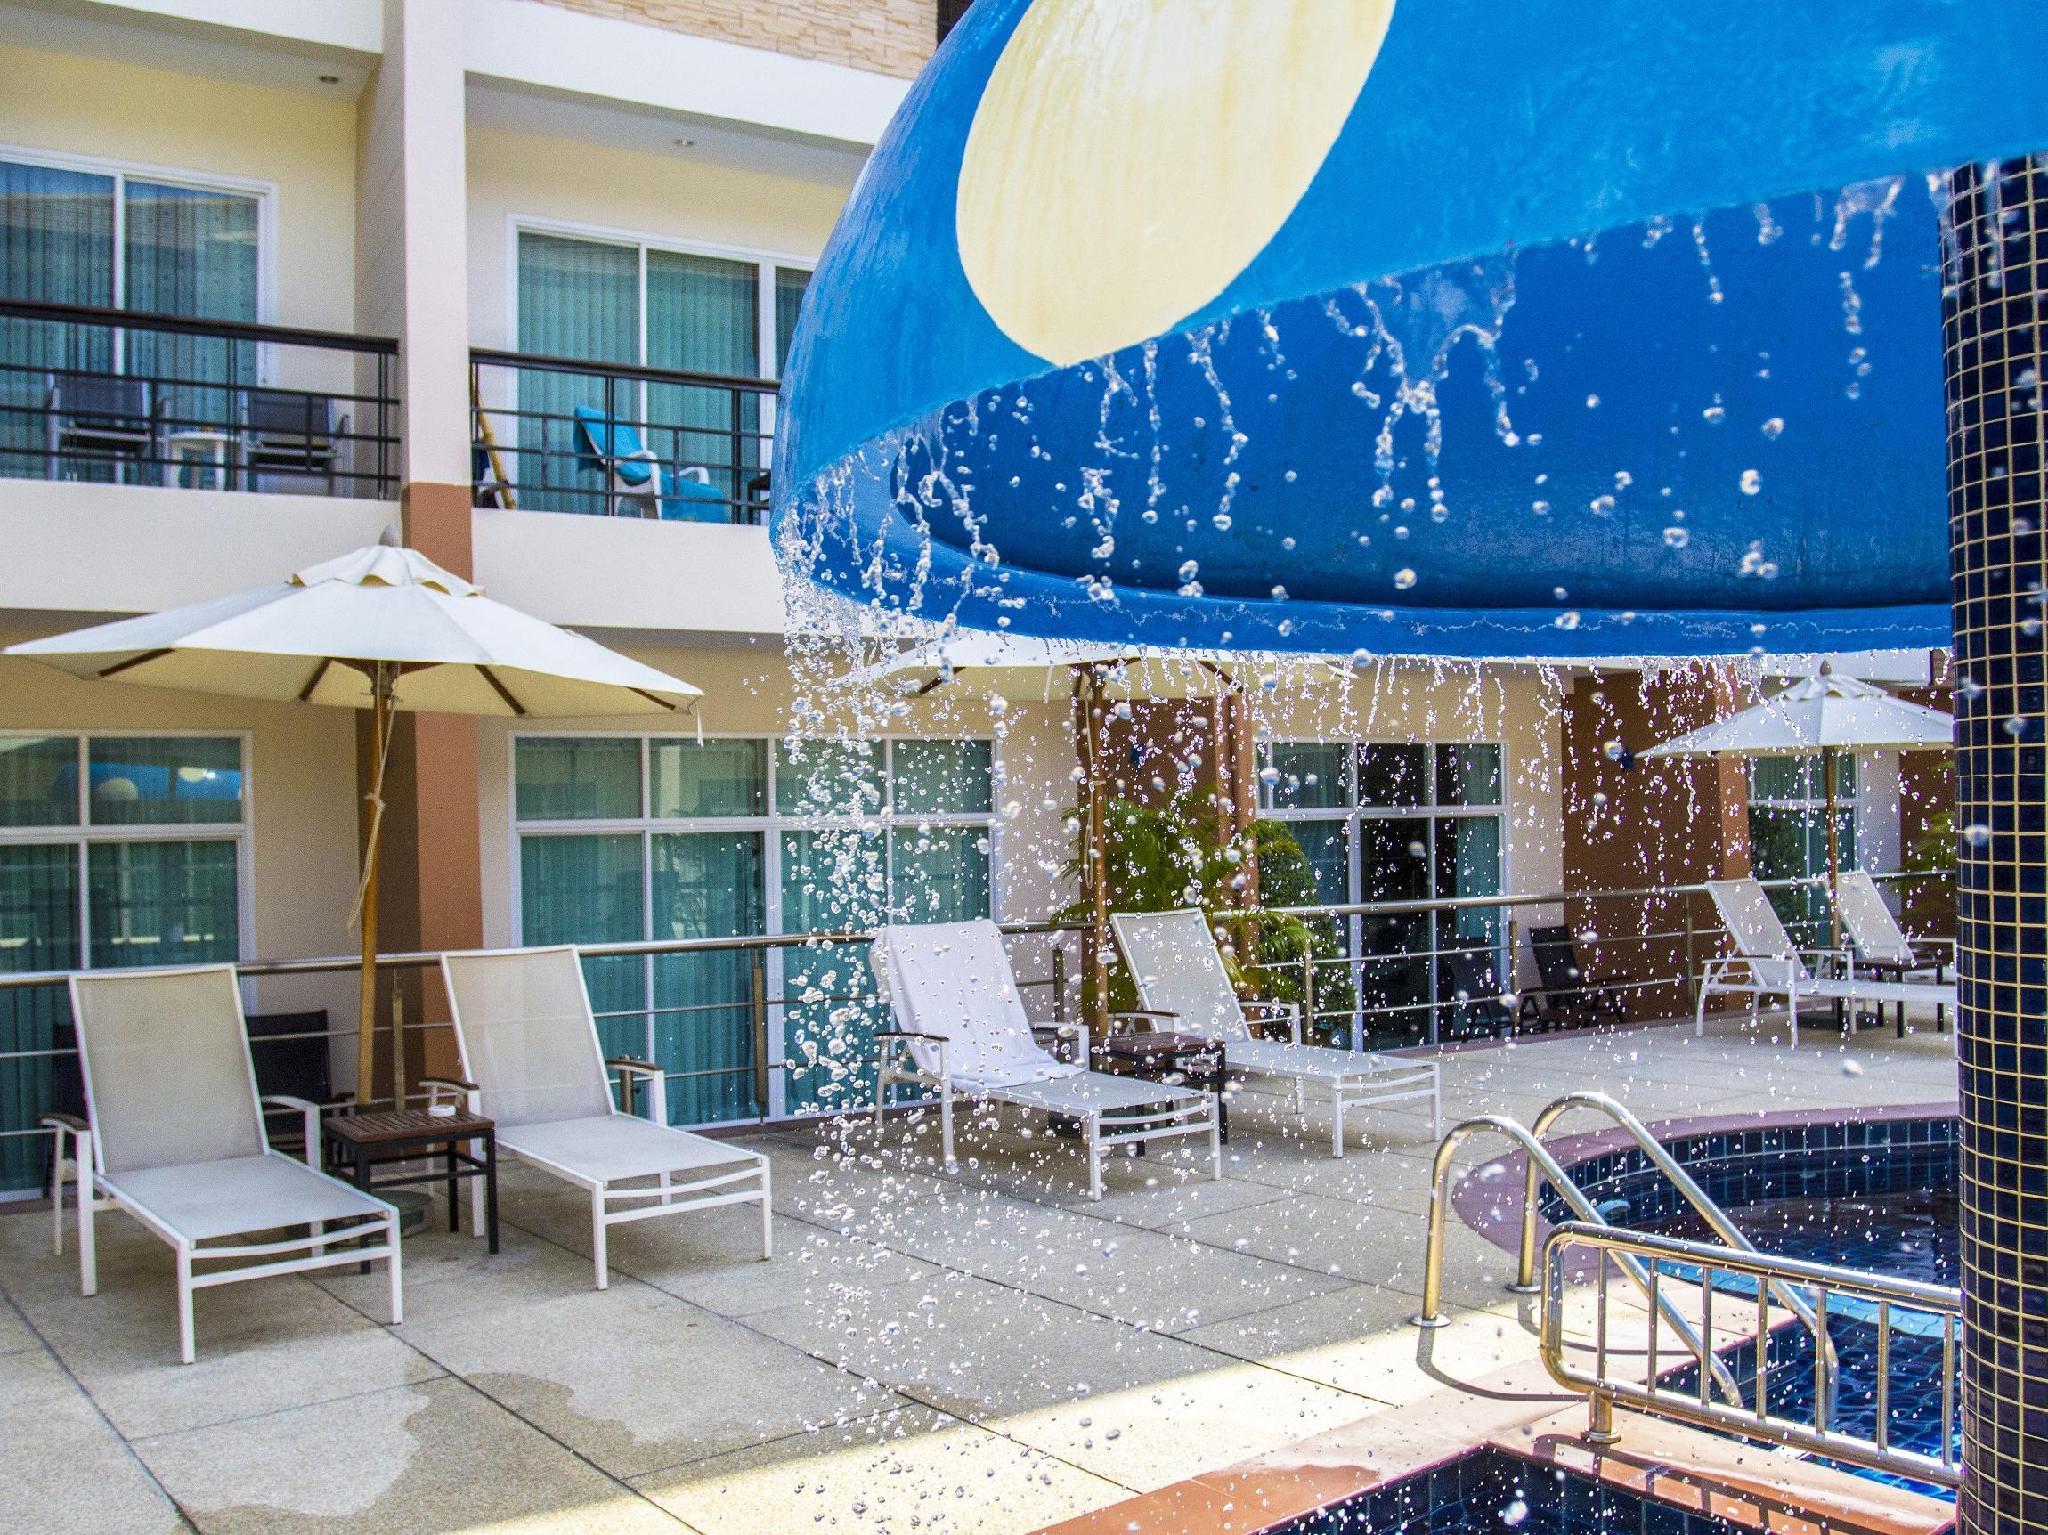 โรงแรมเดอะ บีช บูทิค เฮาส์